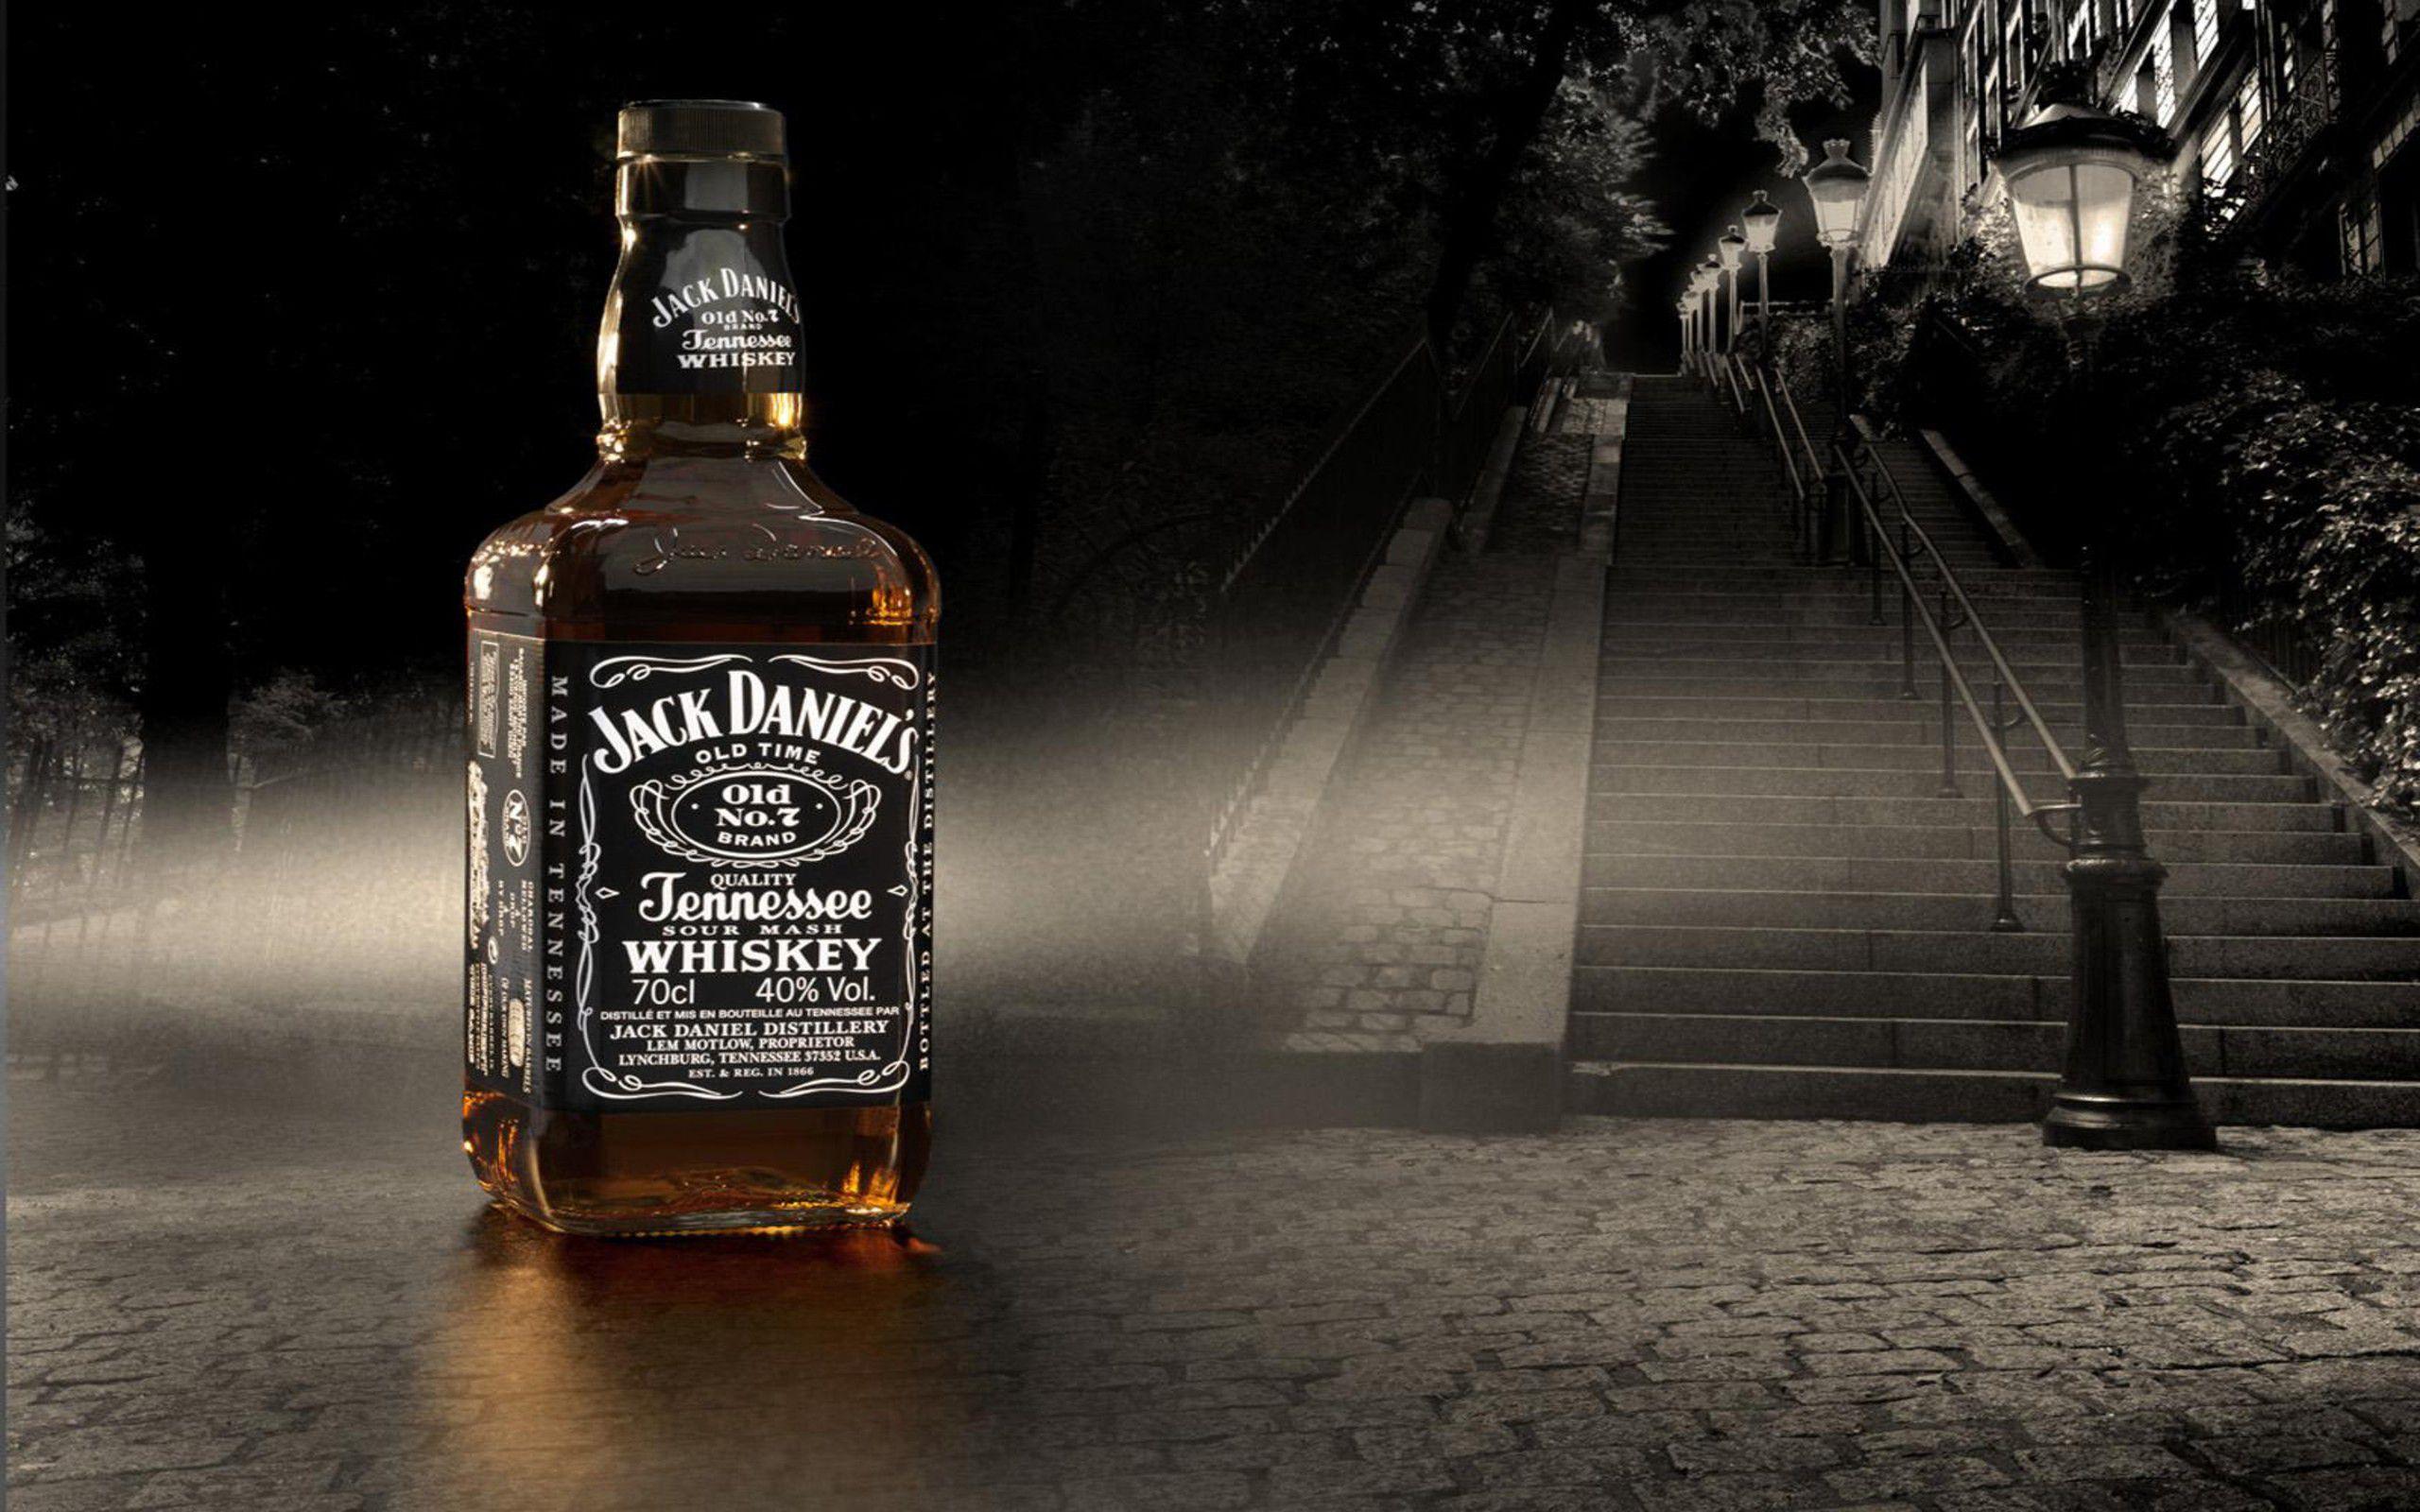 Jack Daniels Hd Wallpapers 7wallpapers Net